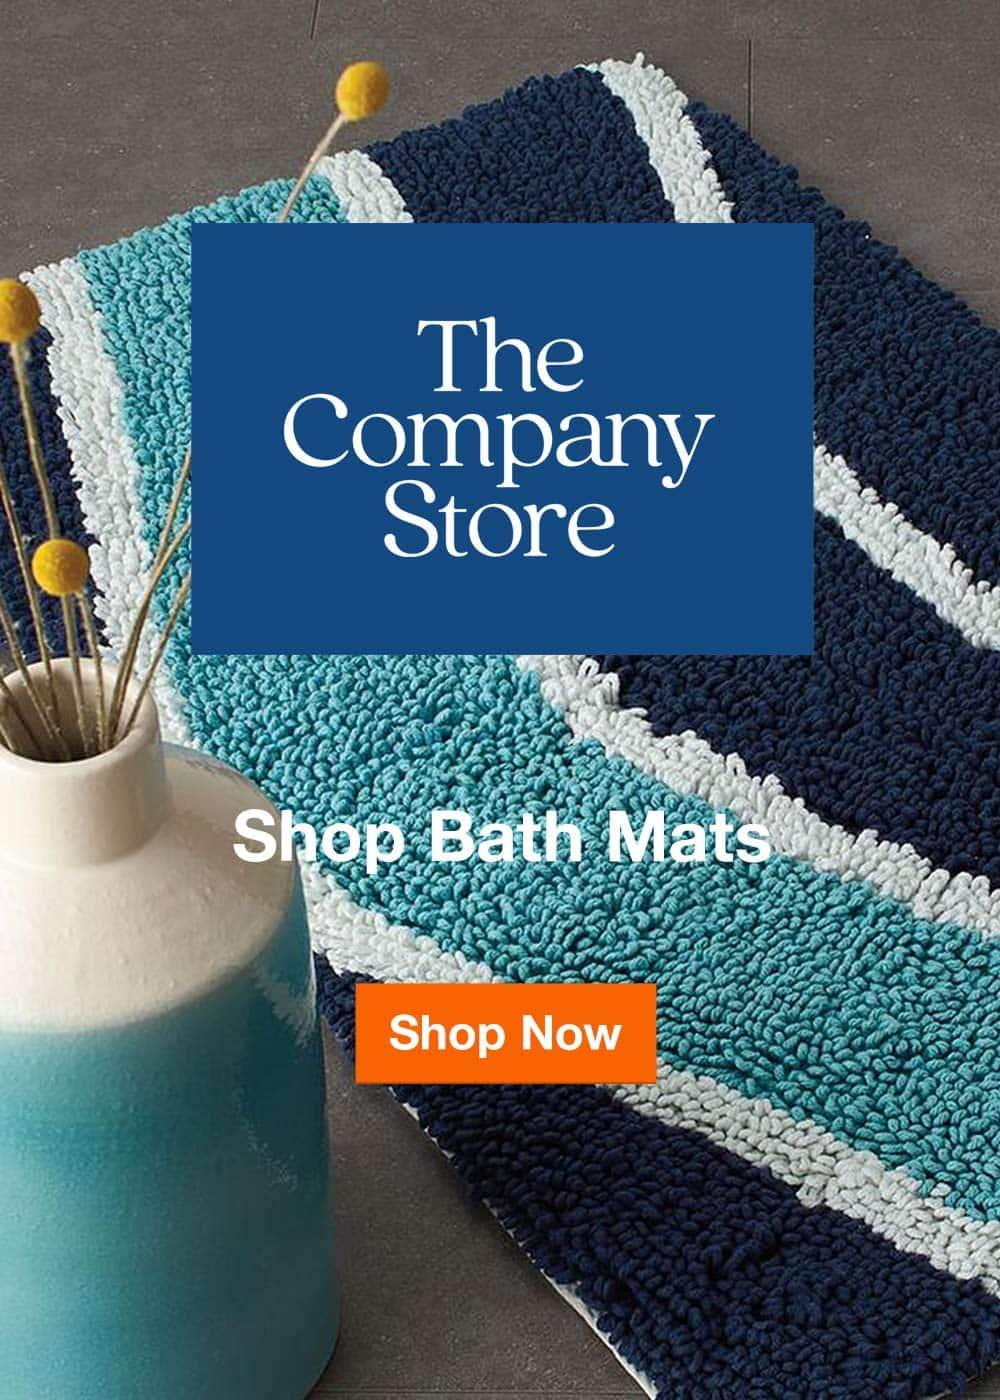 Shop Bath Mats